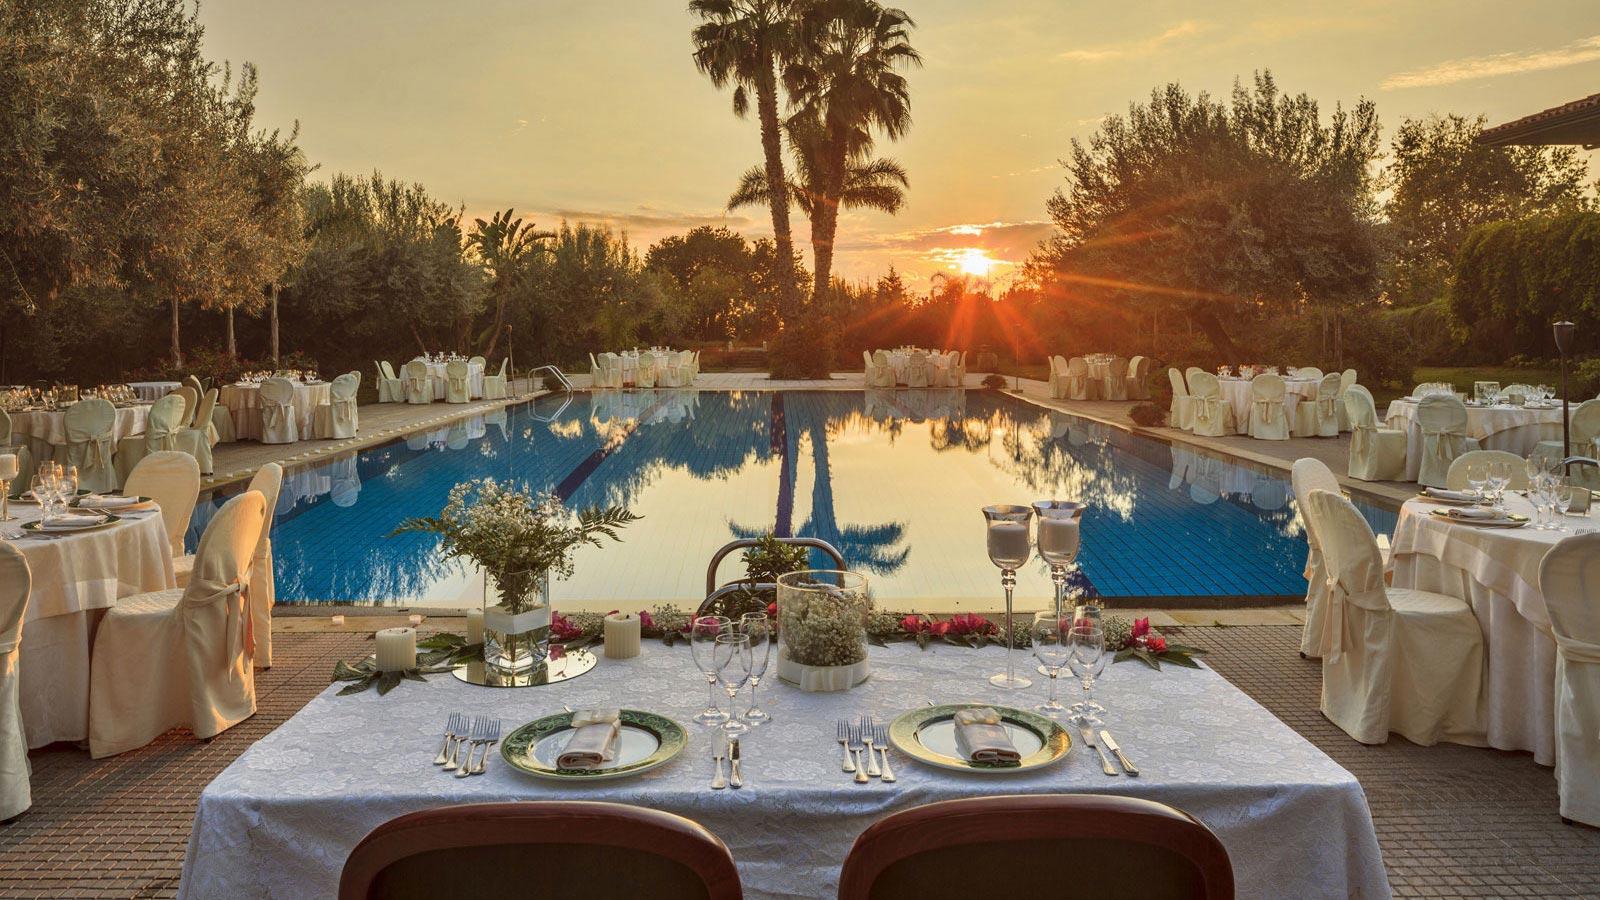 Location Matrimonio Simbolico Roma : La location consigli per scegliere vostra cornice ideale